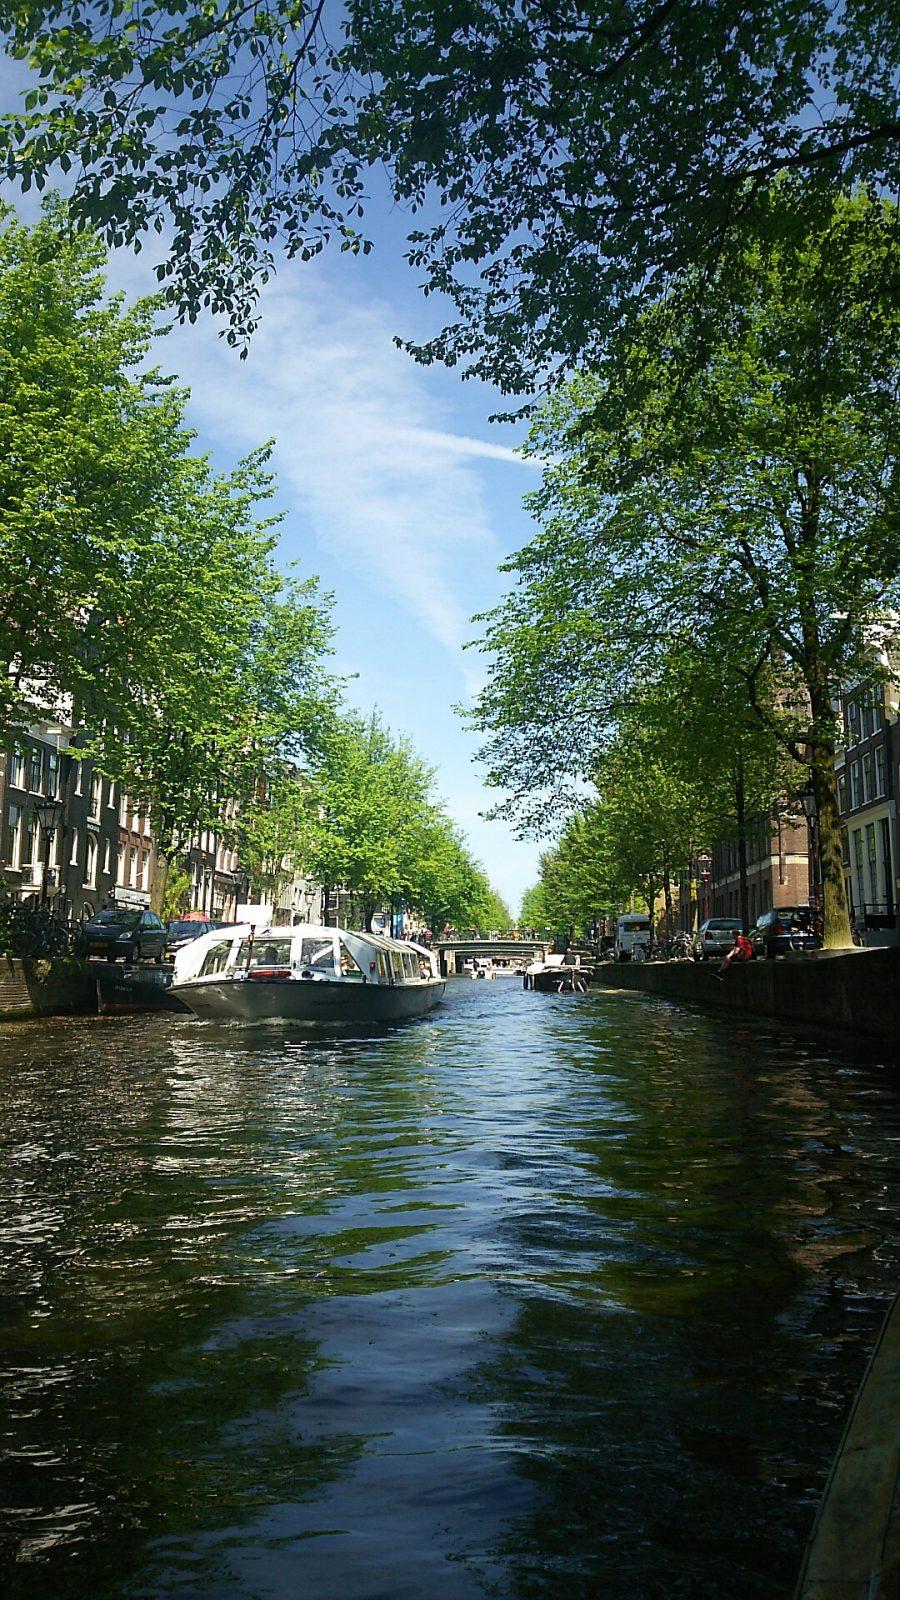 アムステルダム ボートツアー 運河ツアー カナルツアー